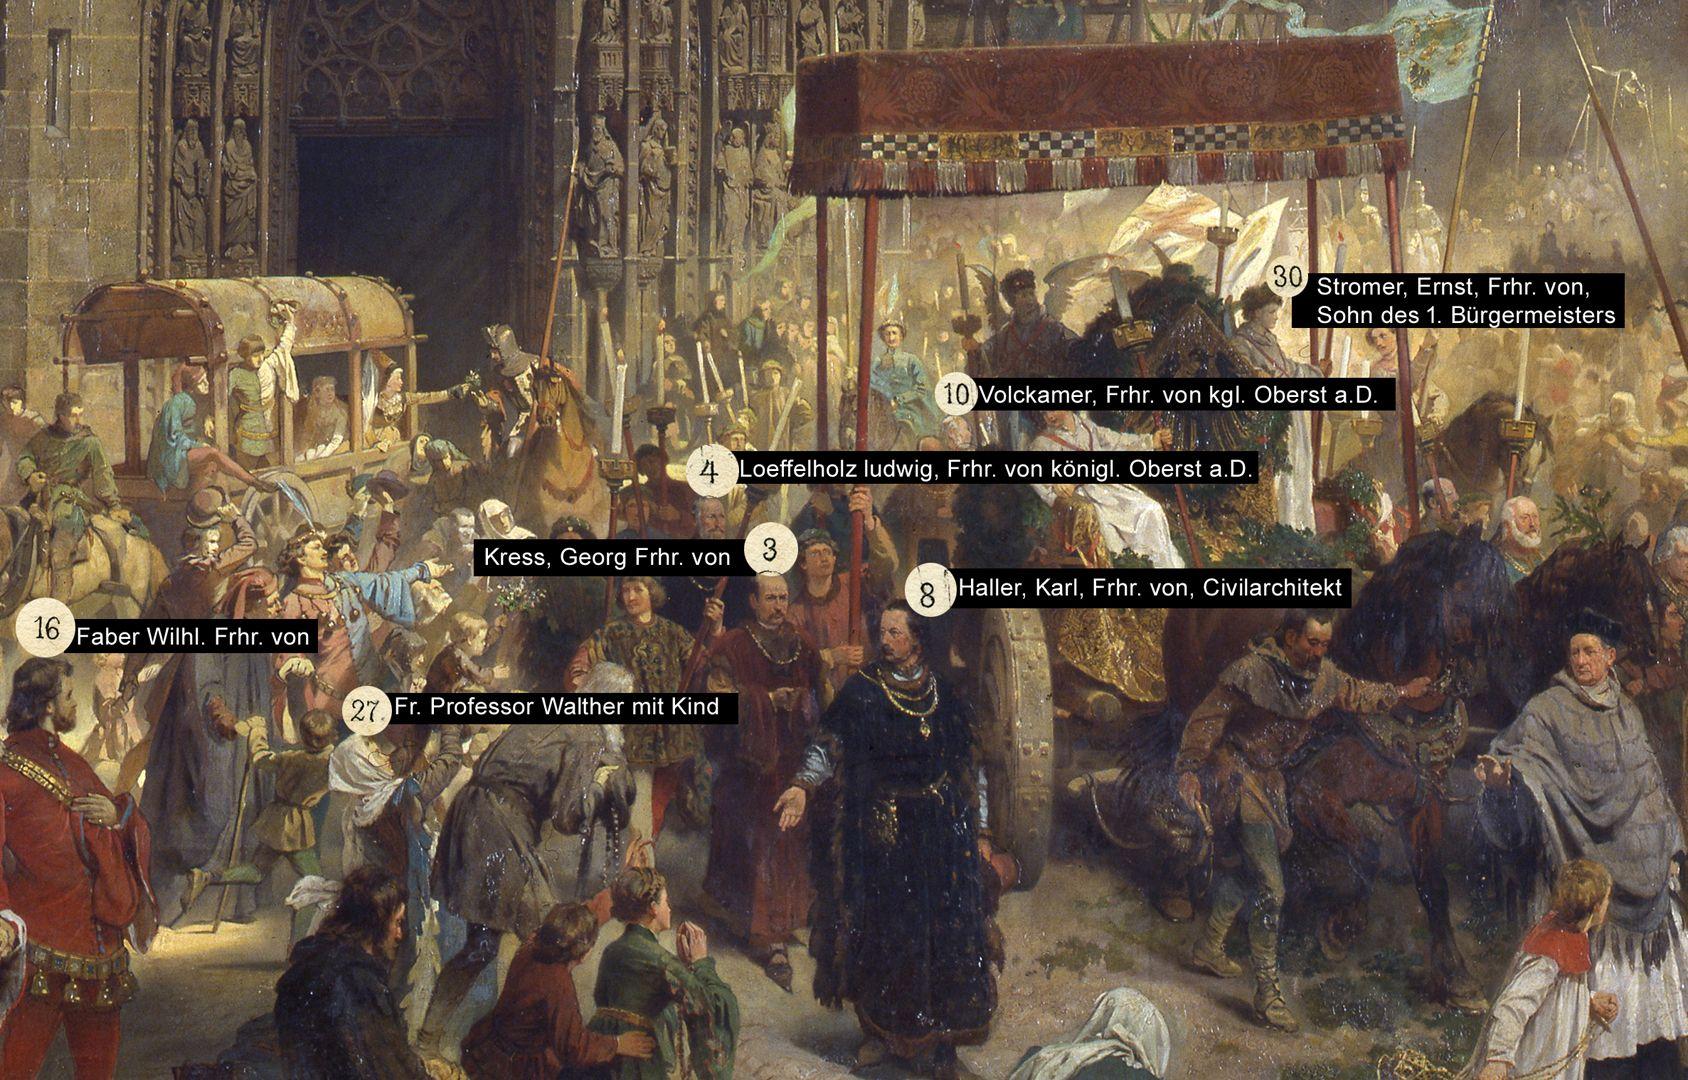 Die Einbringung der Reichskleinodien in Nürnberg am 22. März 1424 Auswahl von dargestellten Personen im Gemälde